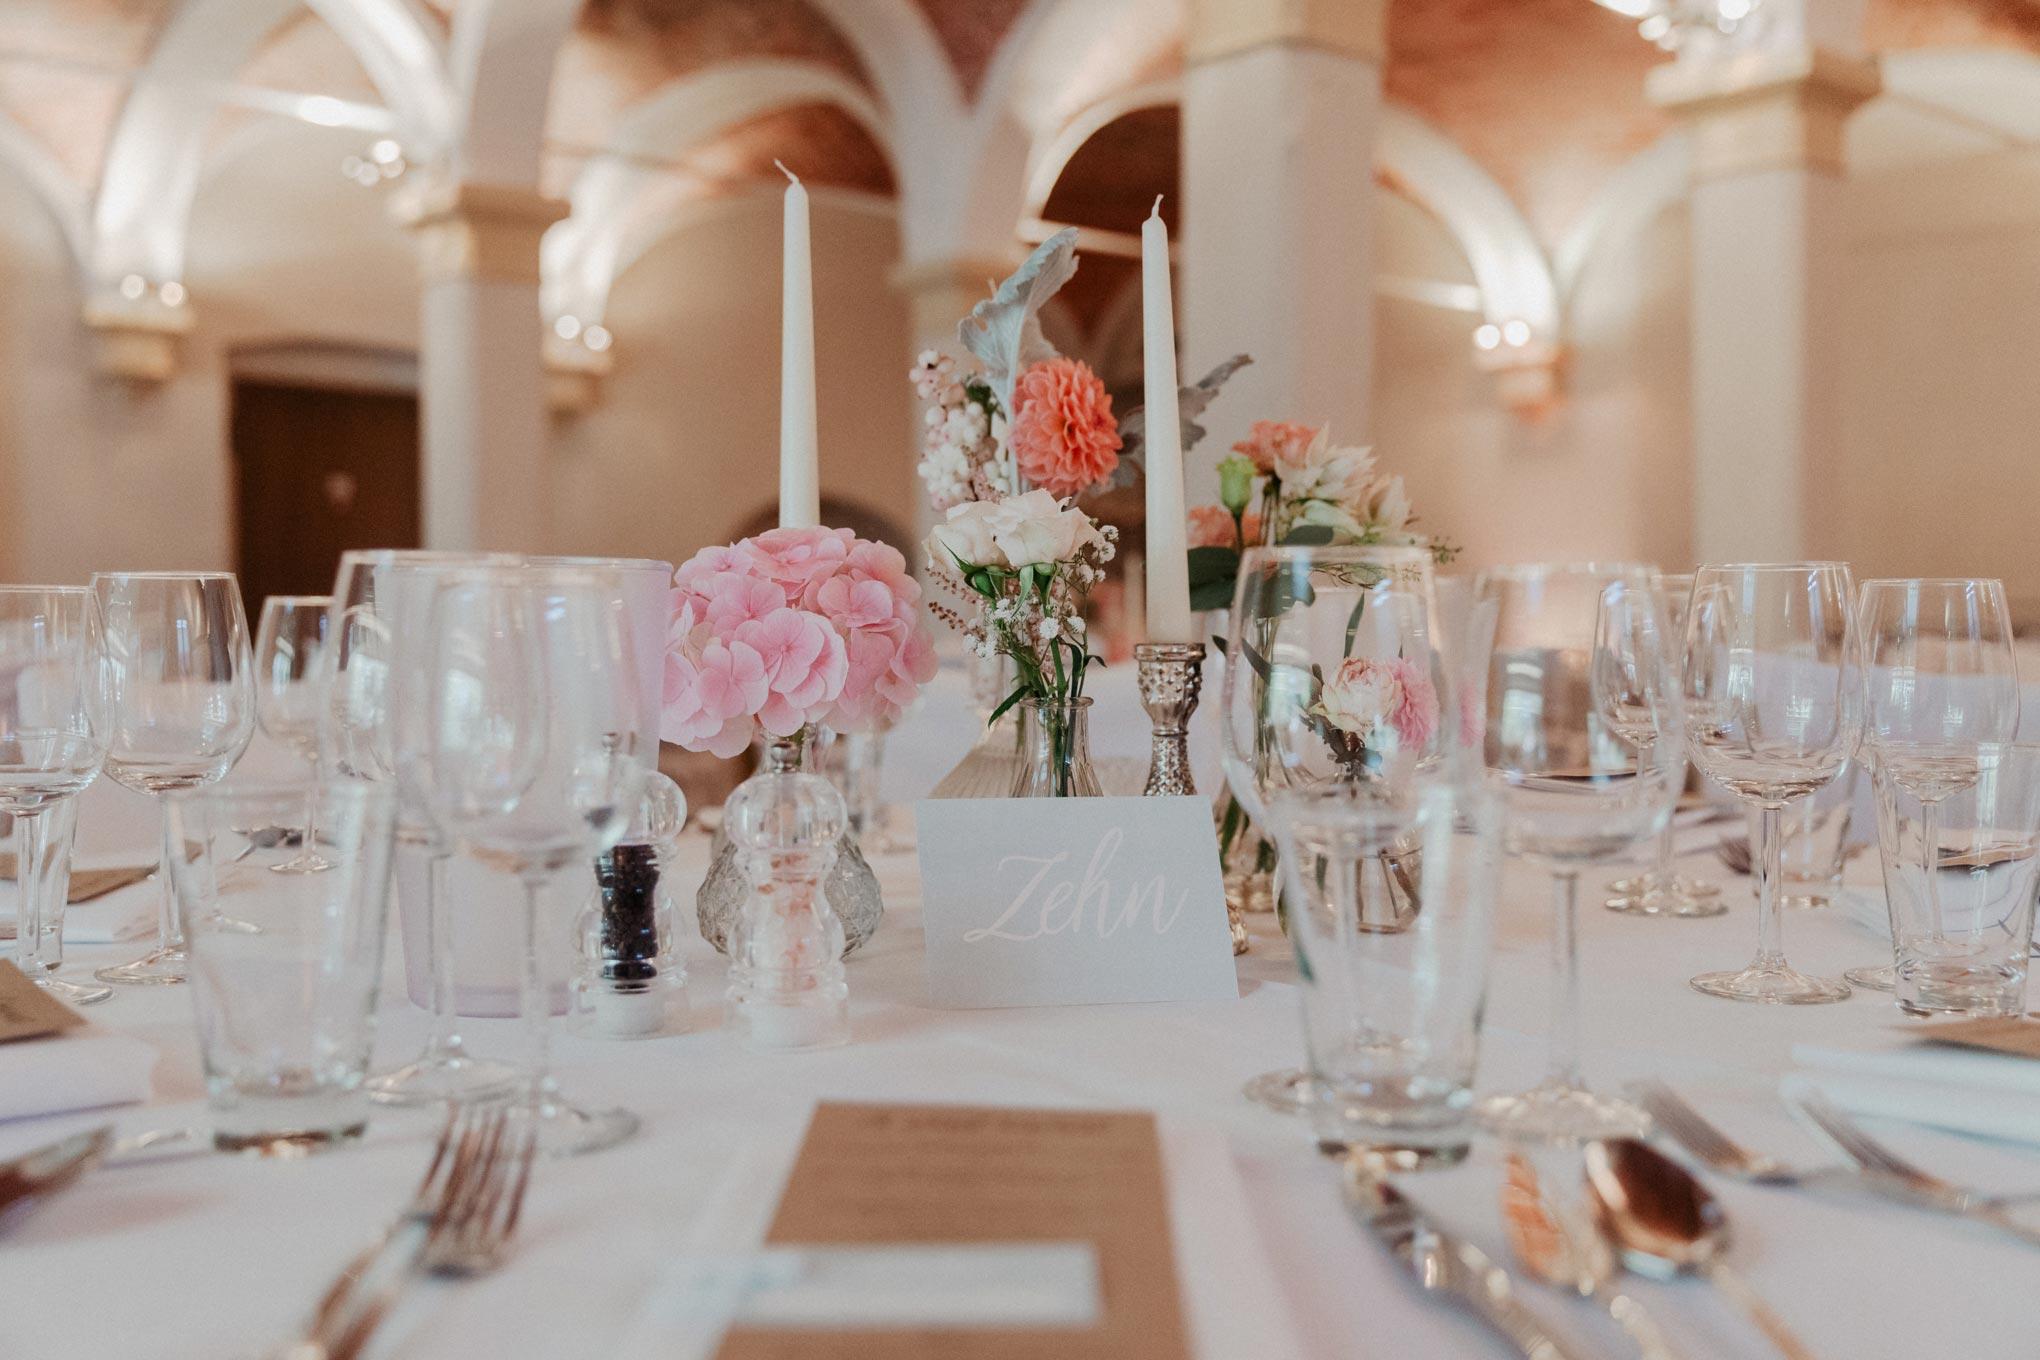 Tischdekoration, Hochzeitsdekoration,